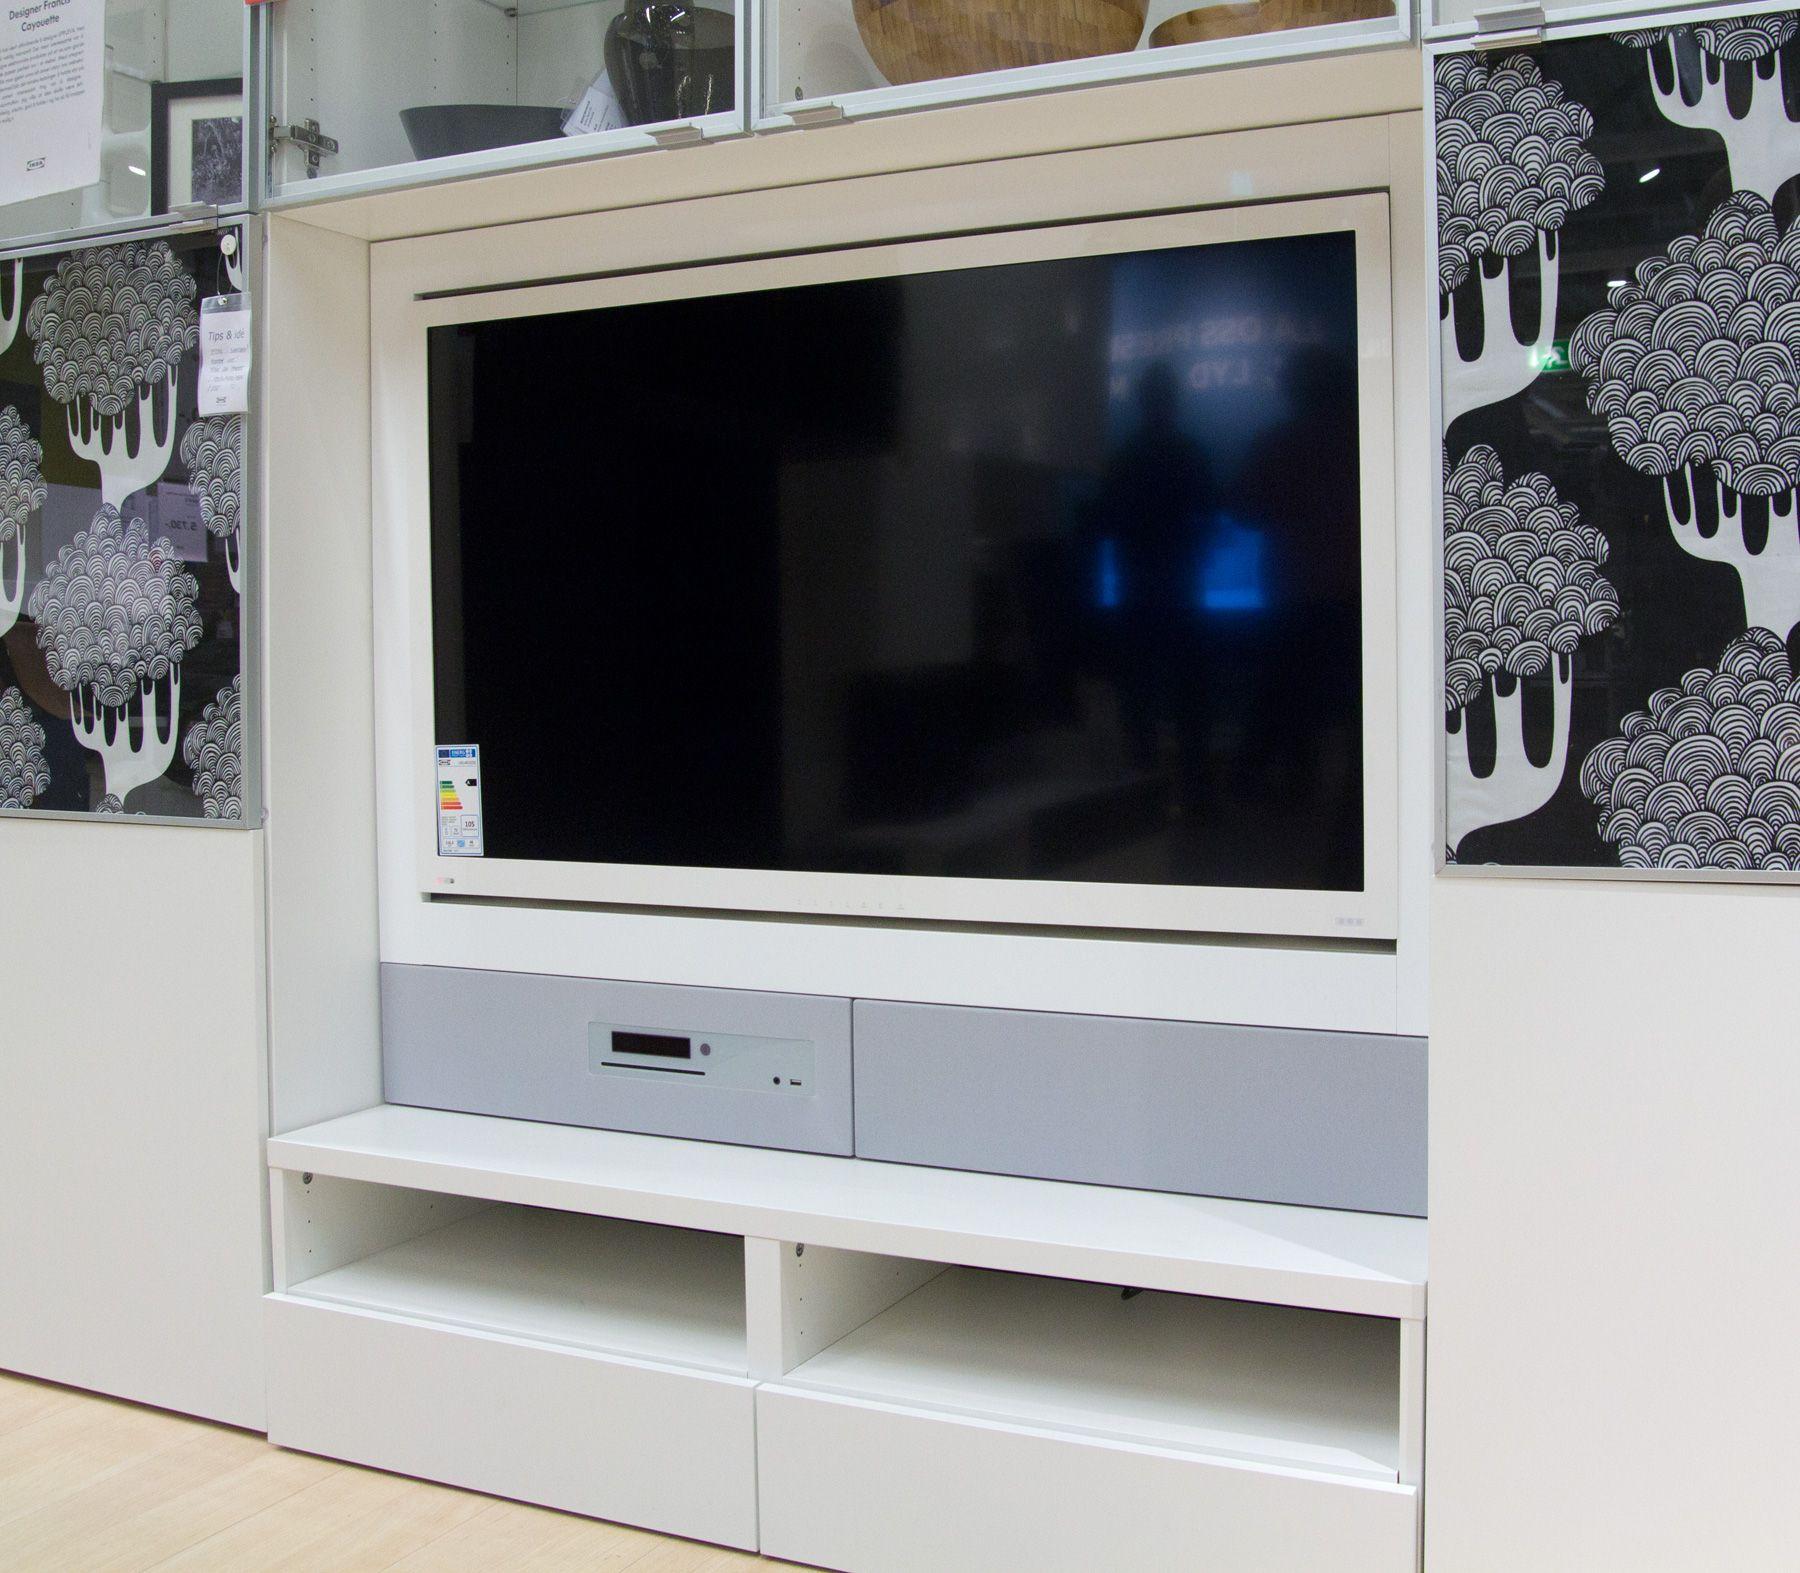 Uppleva, bygget inn i møblet.Foto: Rolf B. Wegner, Hardware.no